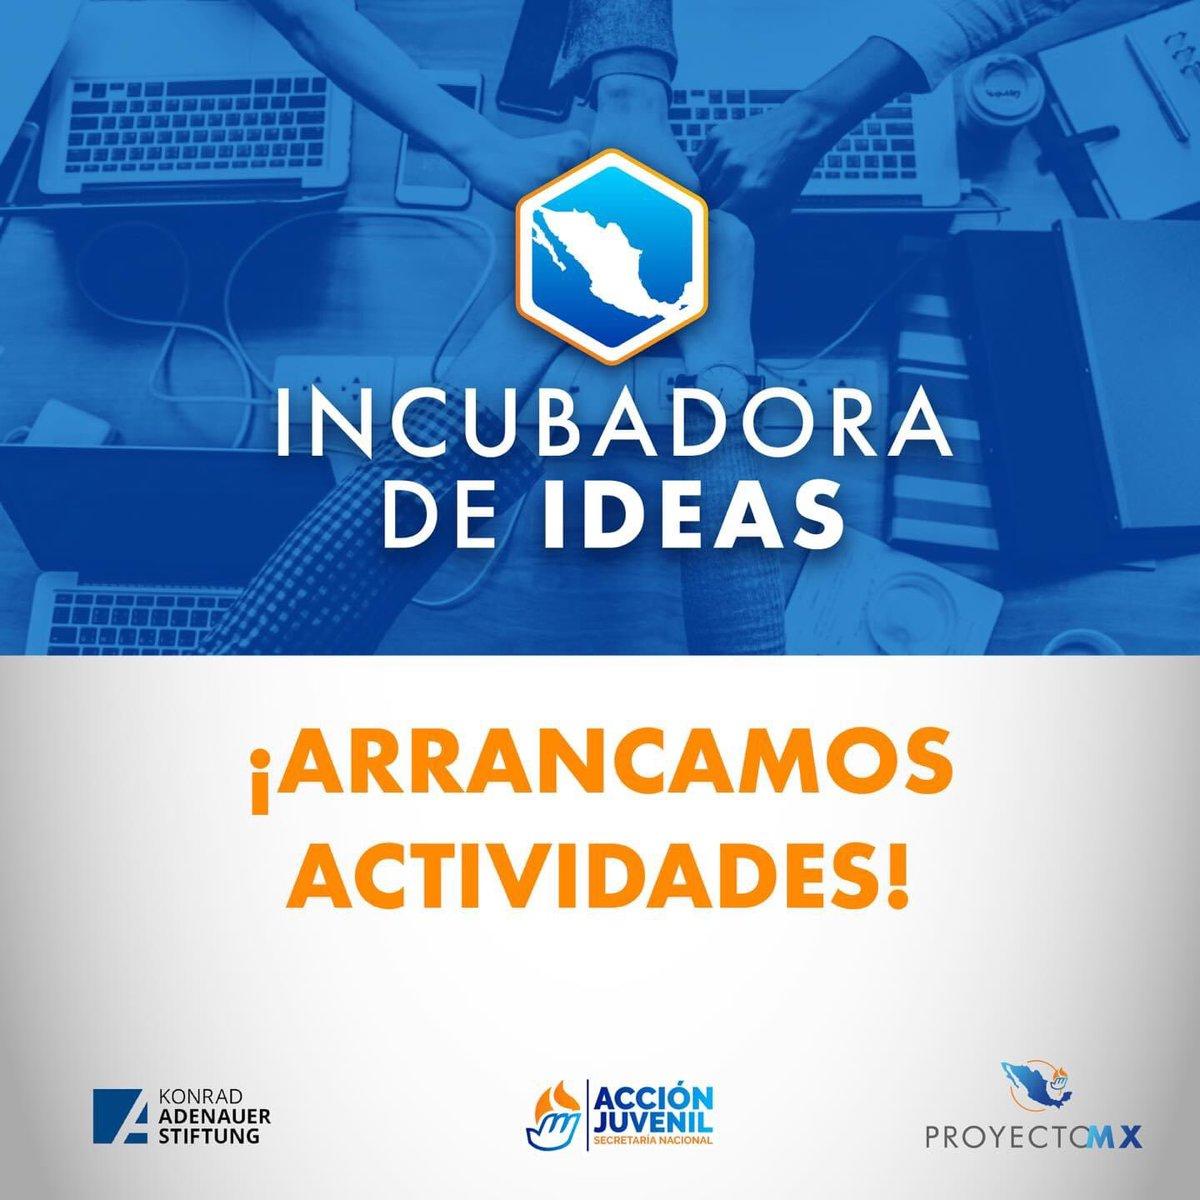 🗣️Hoy la #KASMéxico y @AccionJuvenil 🤝 arrancamos con las sesiones de seguimiento a los jóvenes seleccionados del #ProyectoMx: Incubadora de Ideas.🤓 Juntos daremos las herramientas para que las ideas se traduzcan en acciones 💬👨💻👩💻 https://t.co/7aZIjP3Gw4